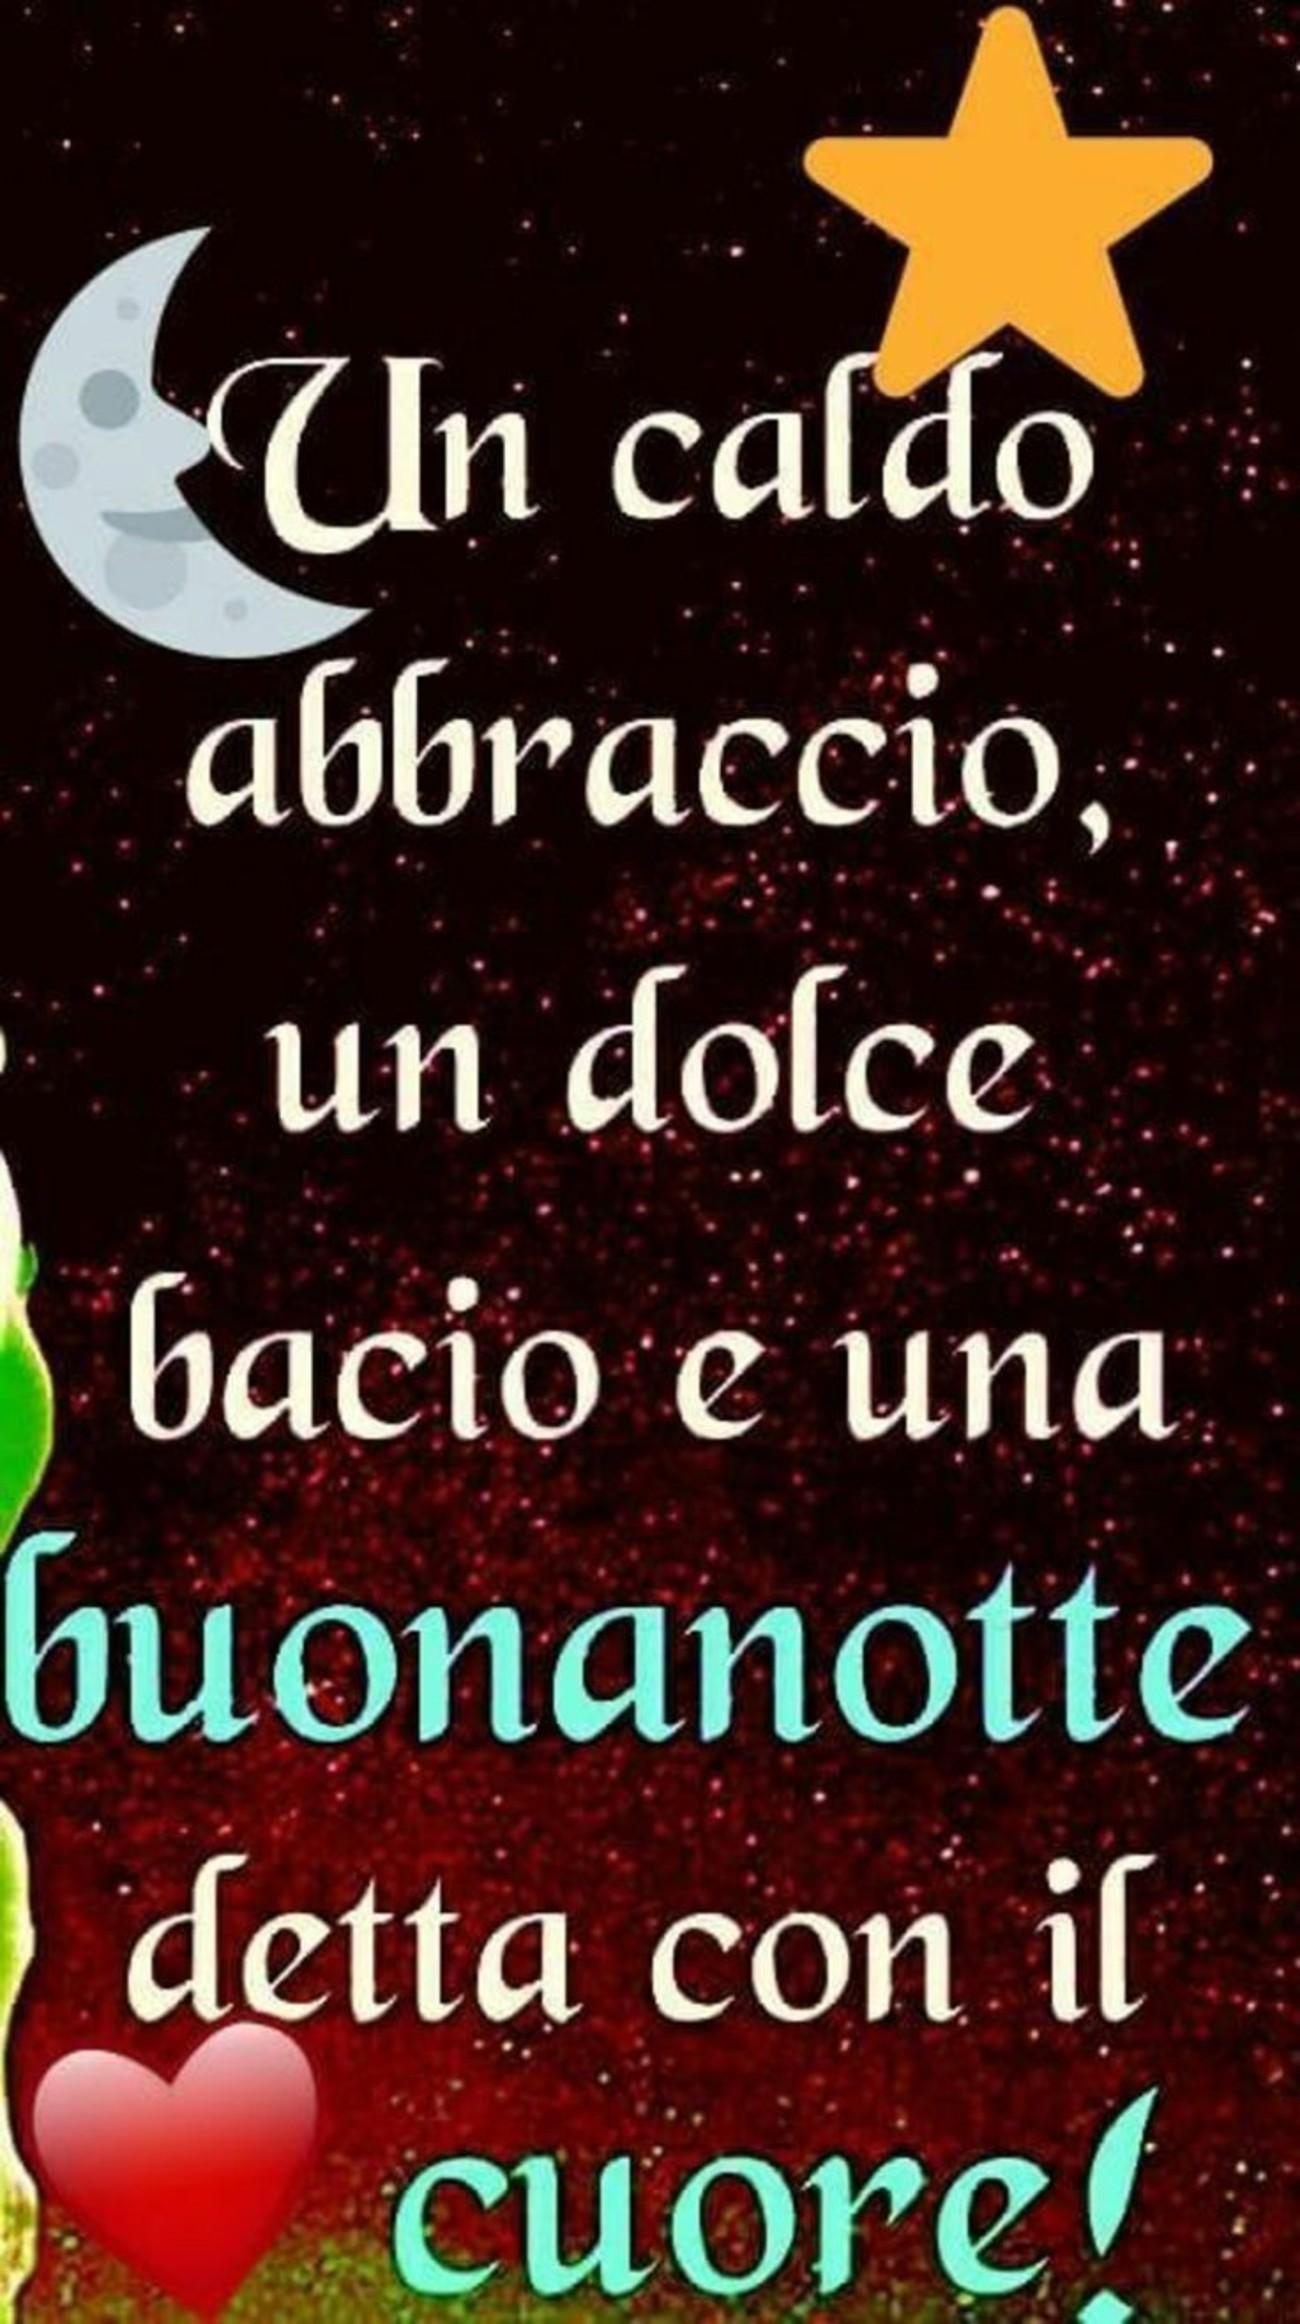 Buonanotte Immagini Nuove Gratis 8 Buongiornoate It